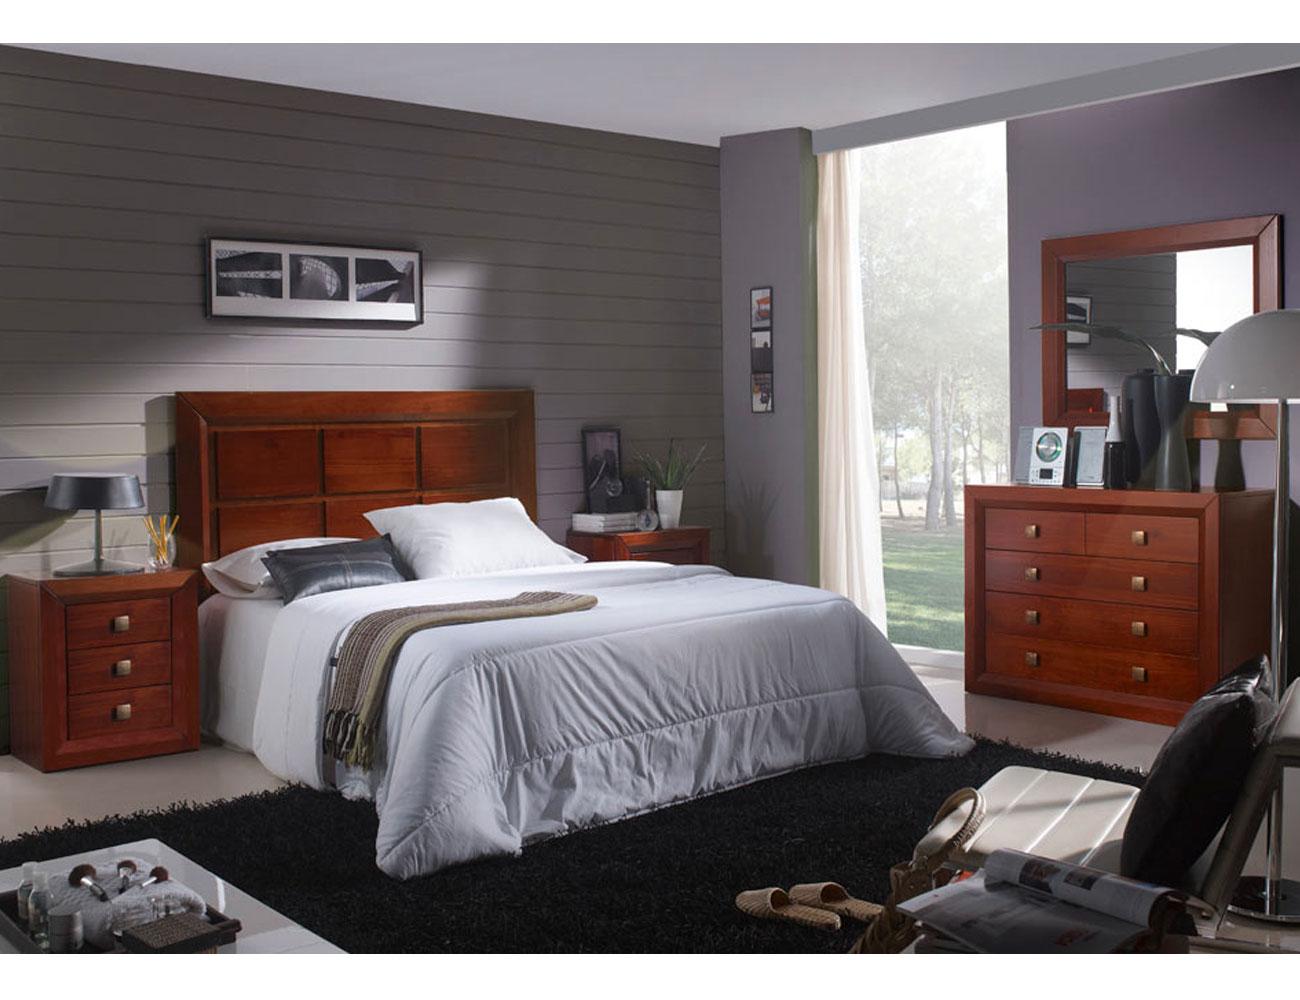 Dormitorio matrimonio comoda 5c nogal madera dm1